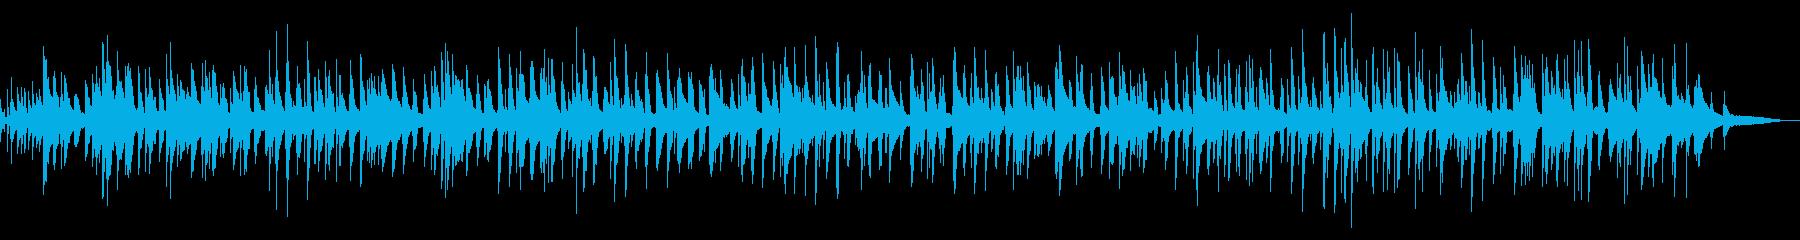 エンディング系おしゃれ切ないピアノジャズの再生済みの波形